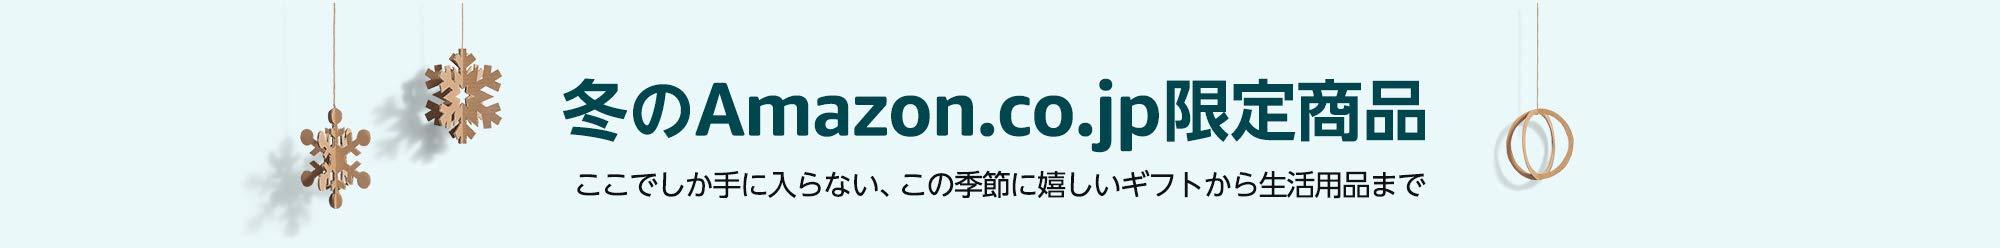 冬のAmazon.co.jp限定商品